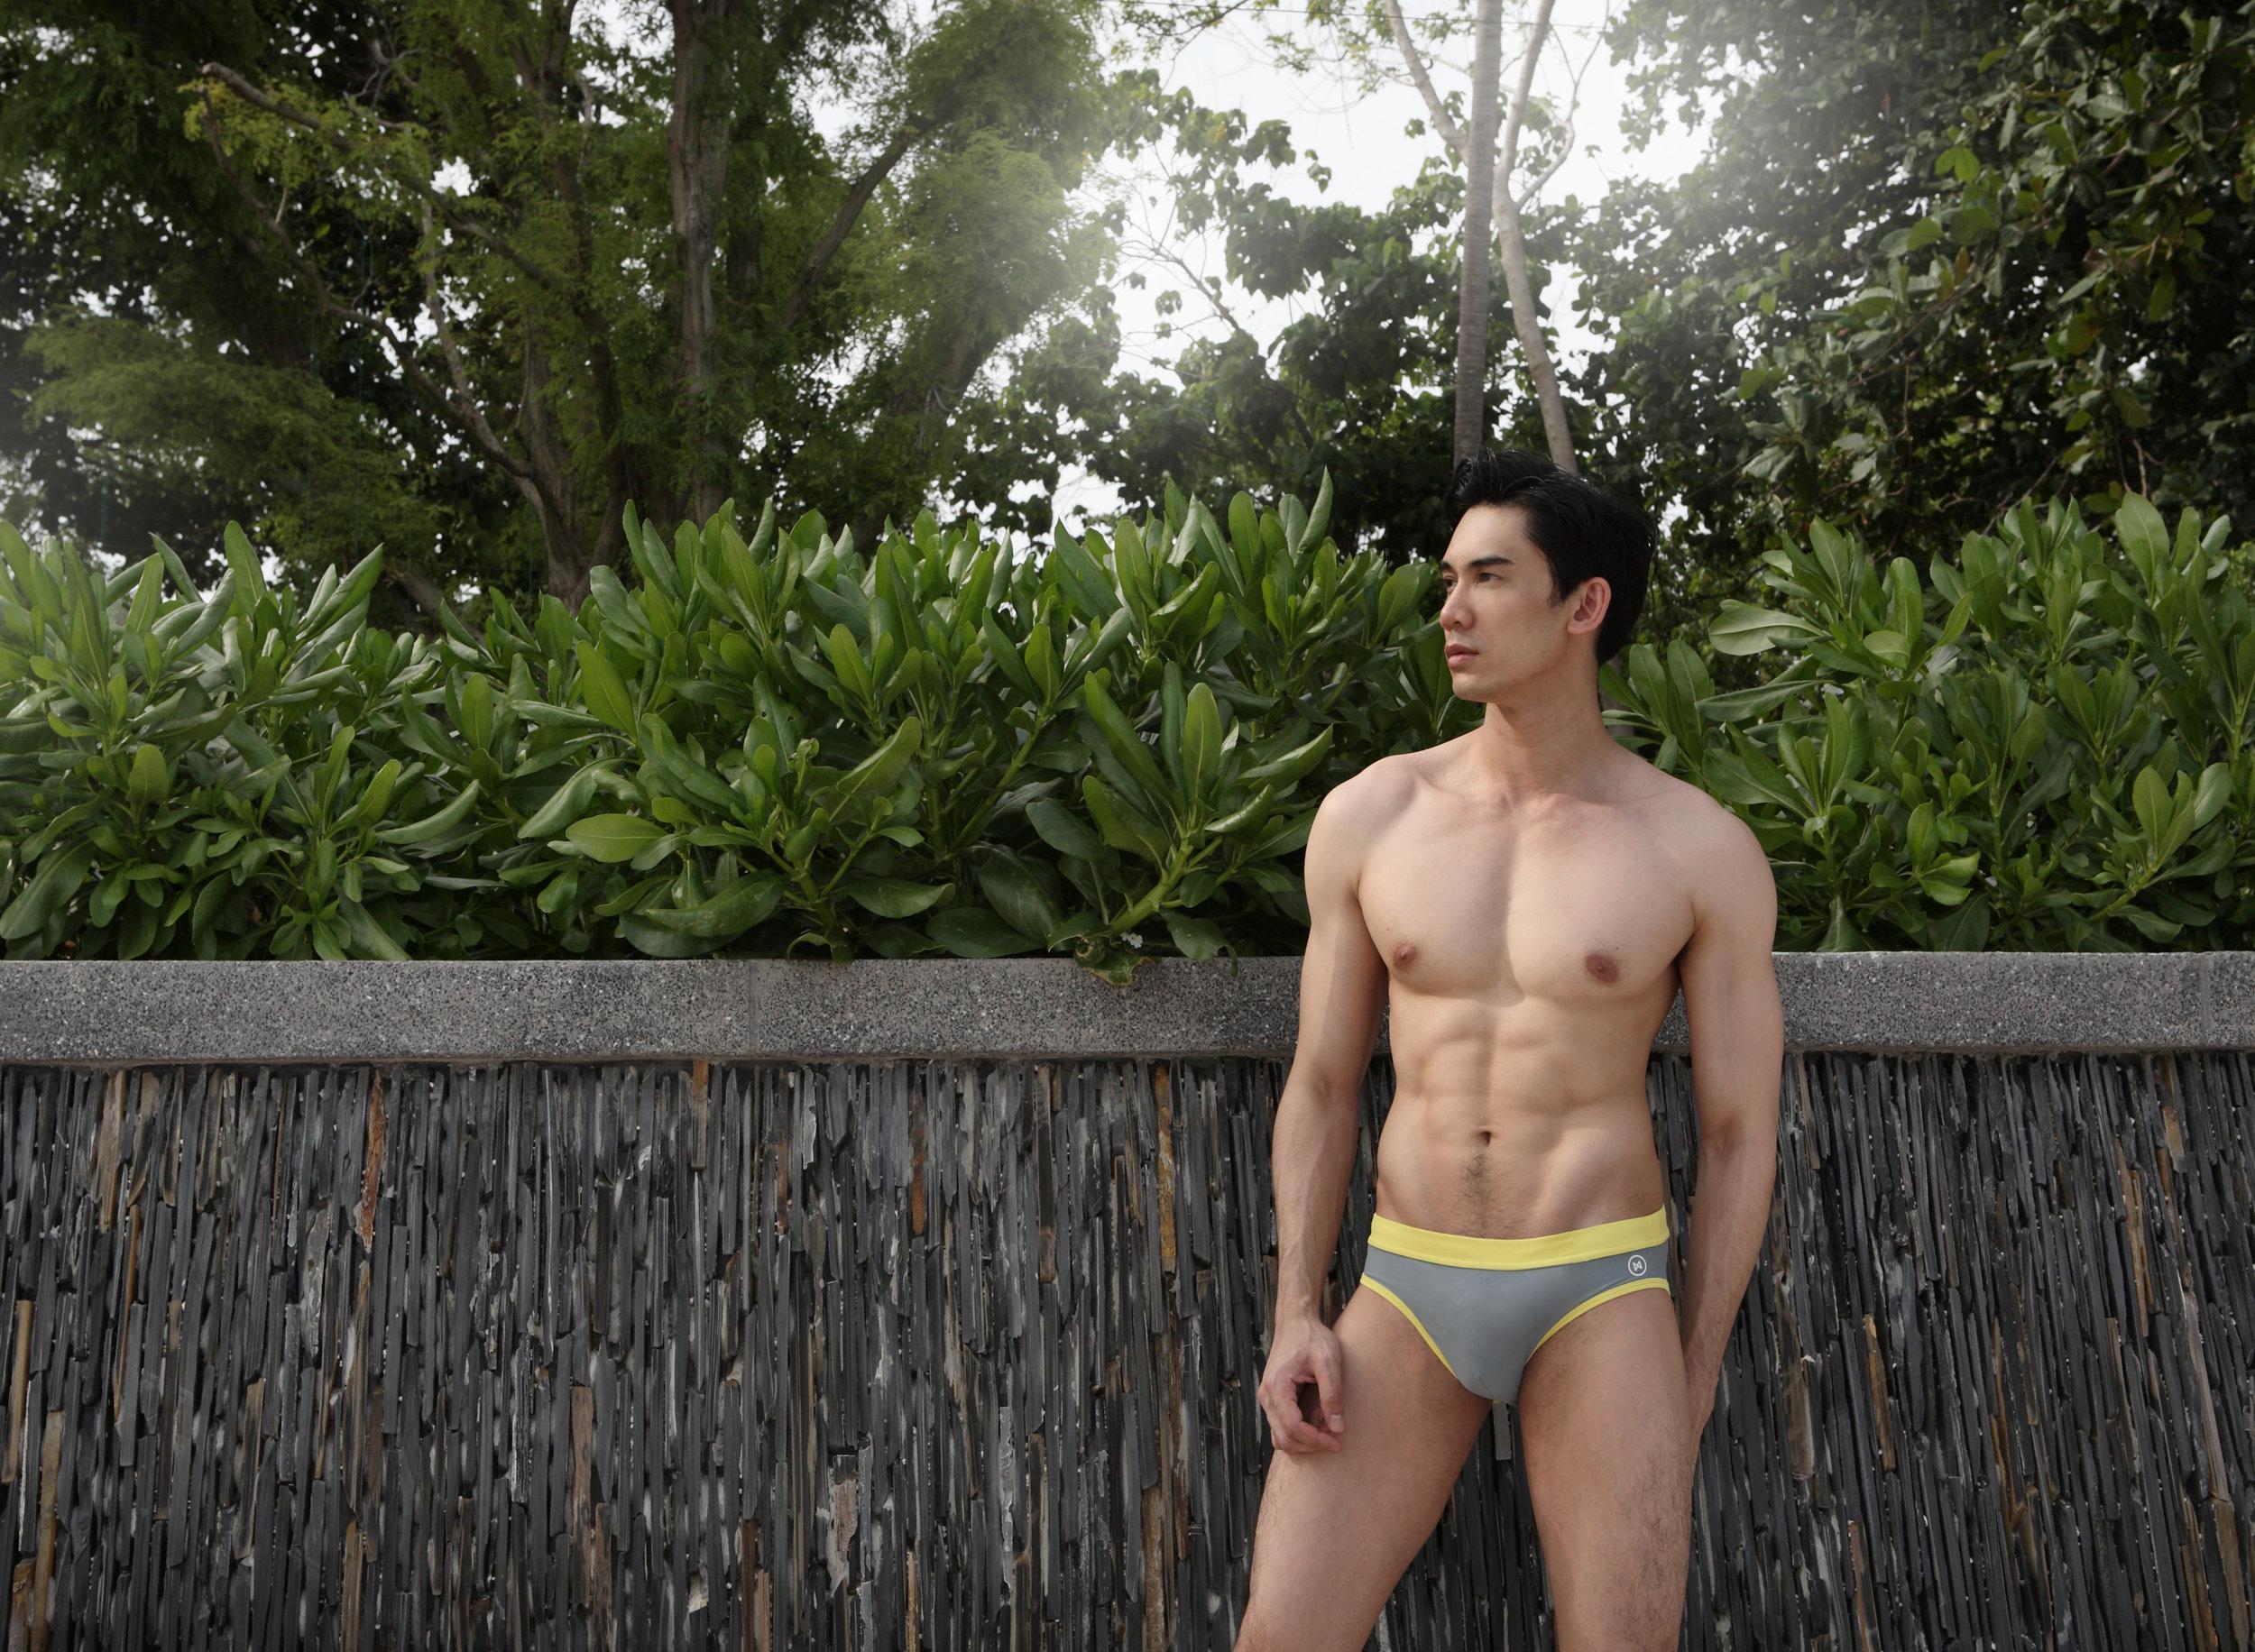 swimwear : NOXX wear